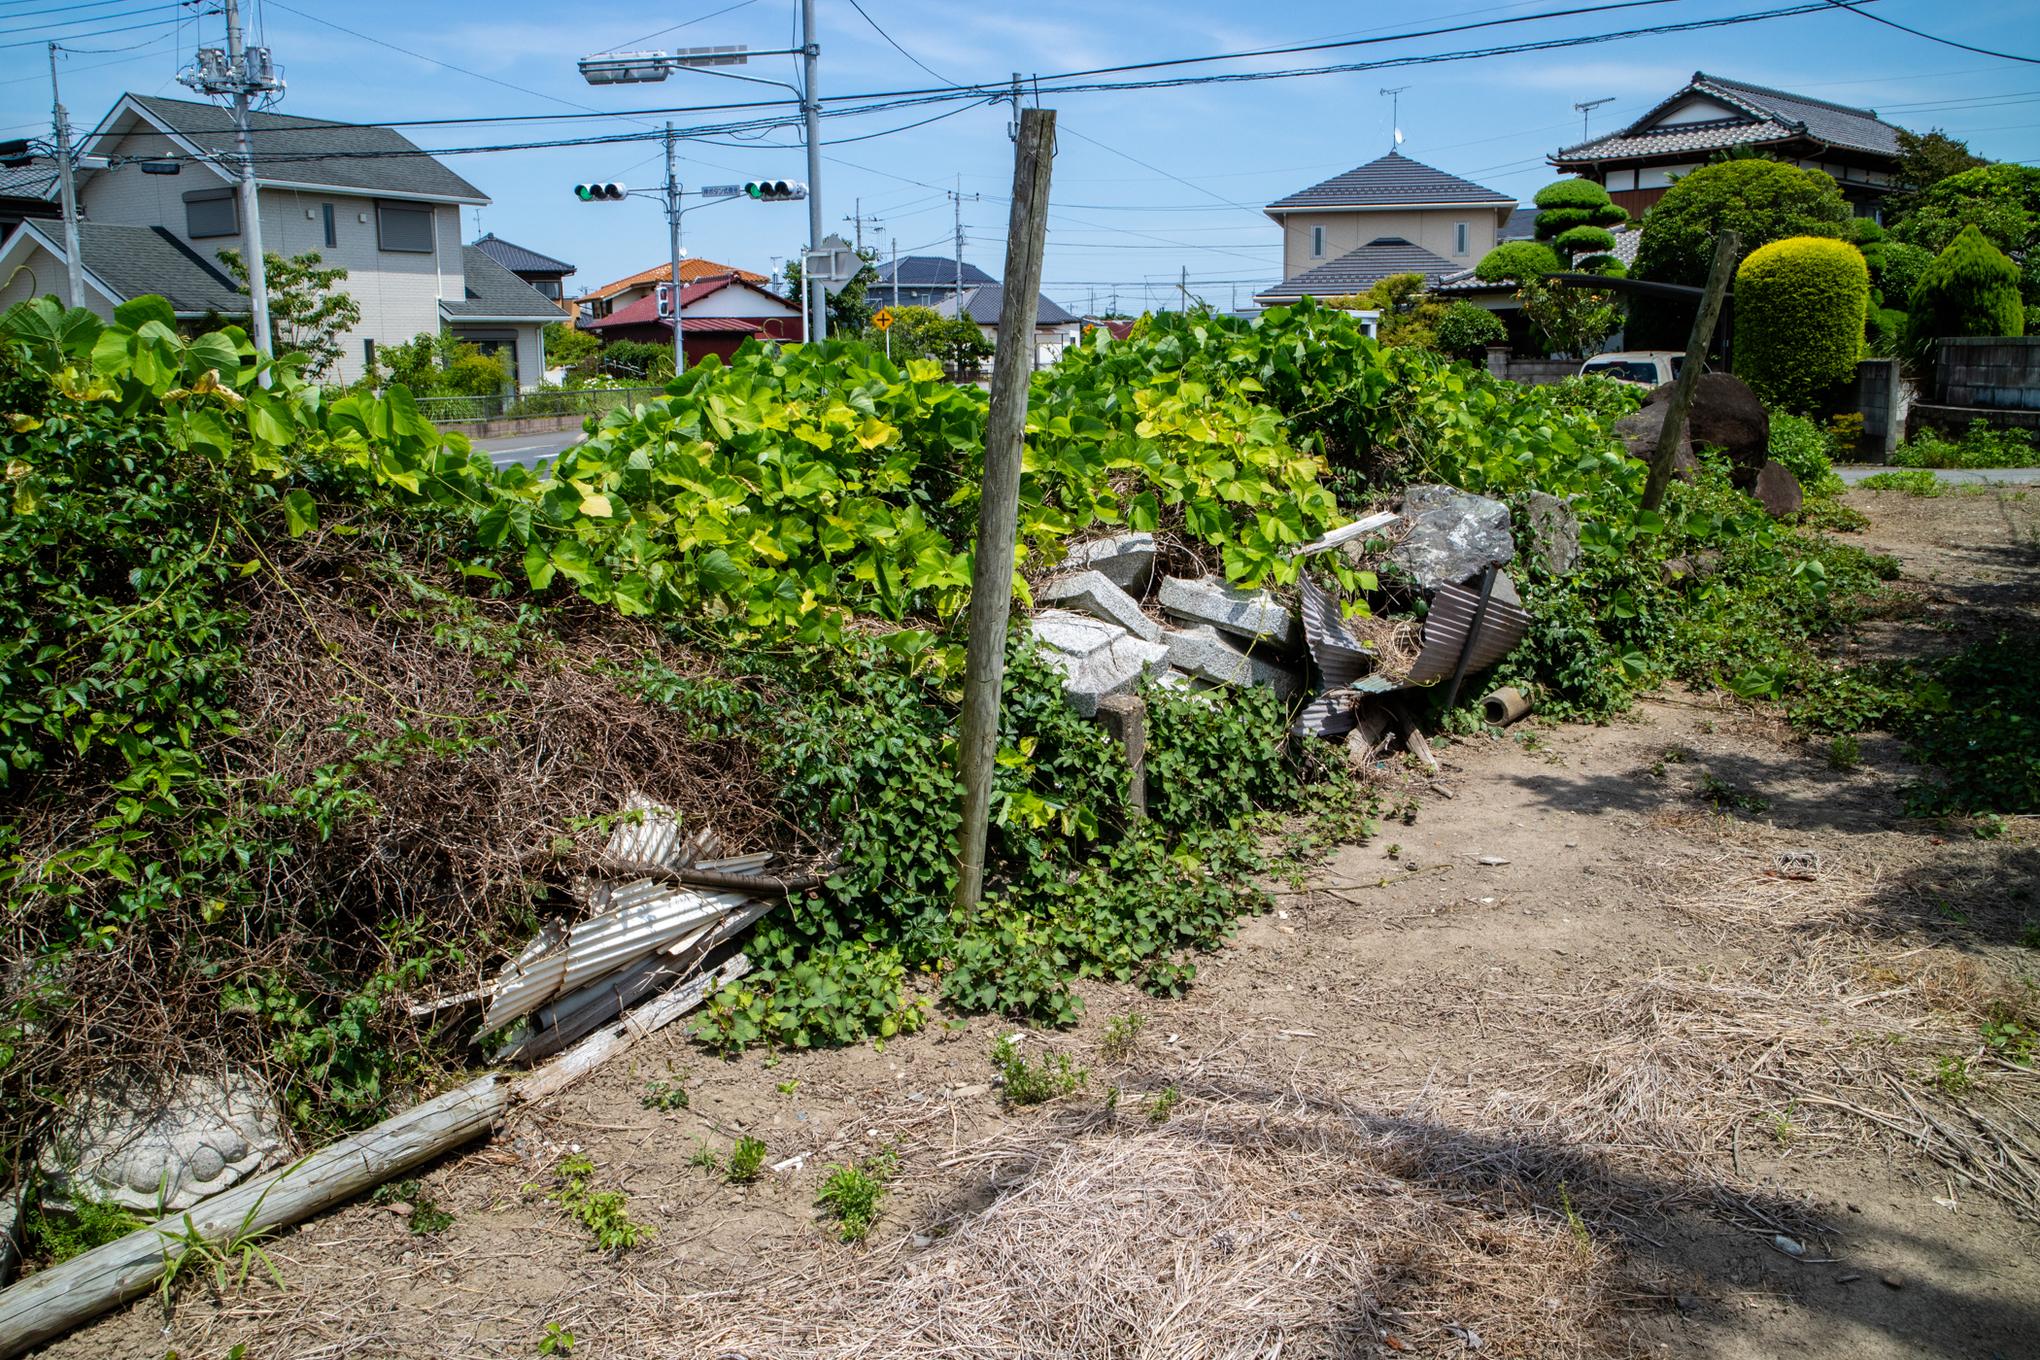 f:id:akichiniiko:20210611191158j:plain